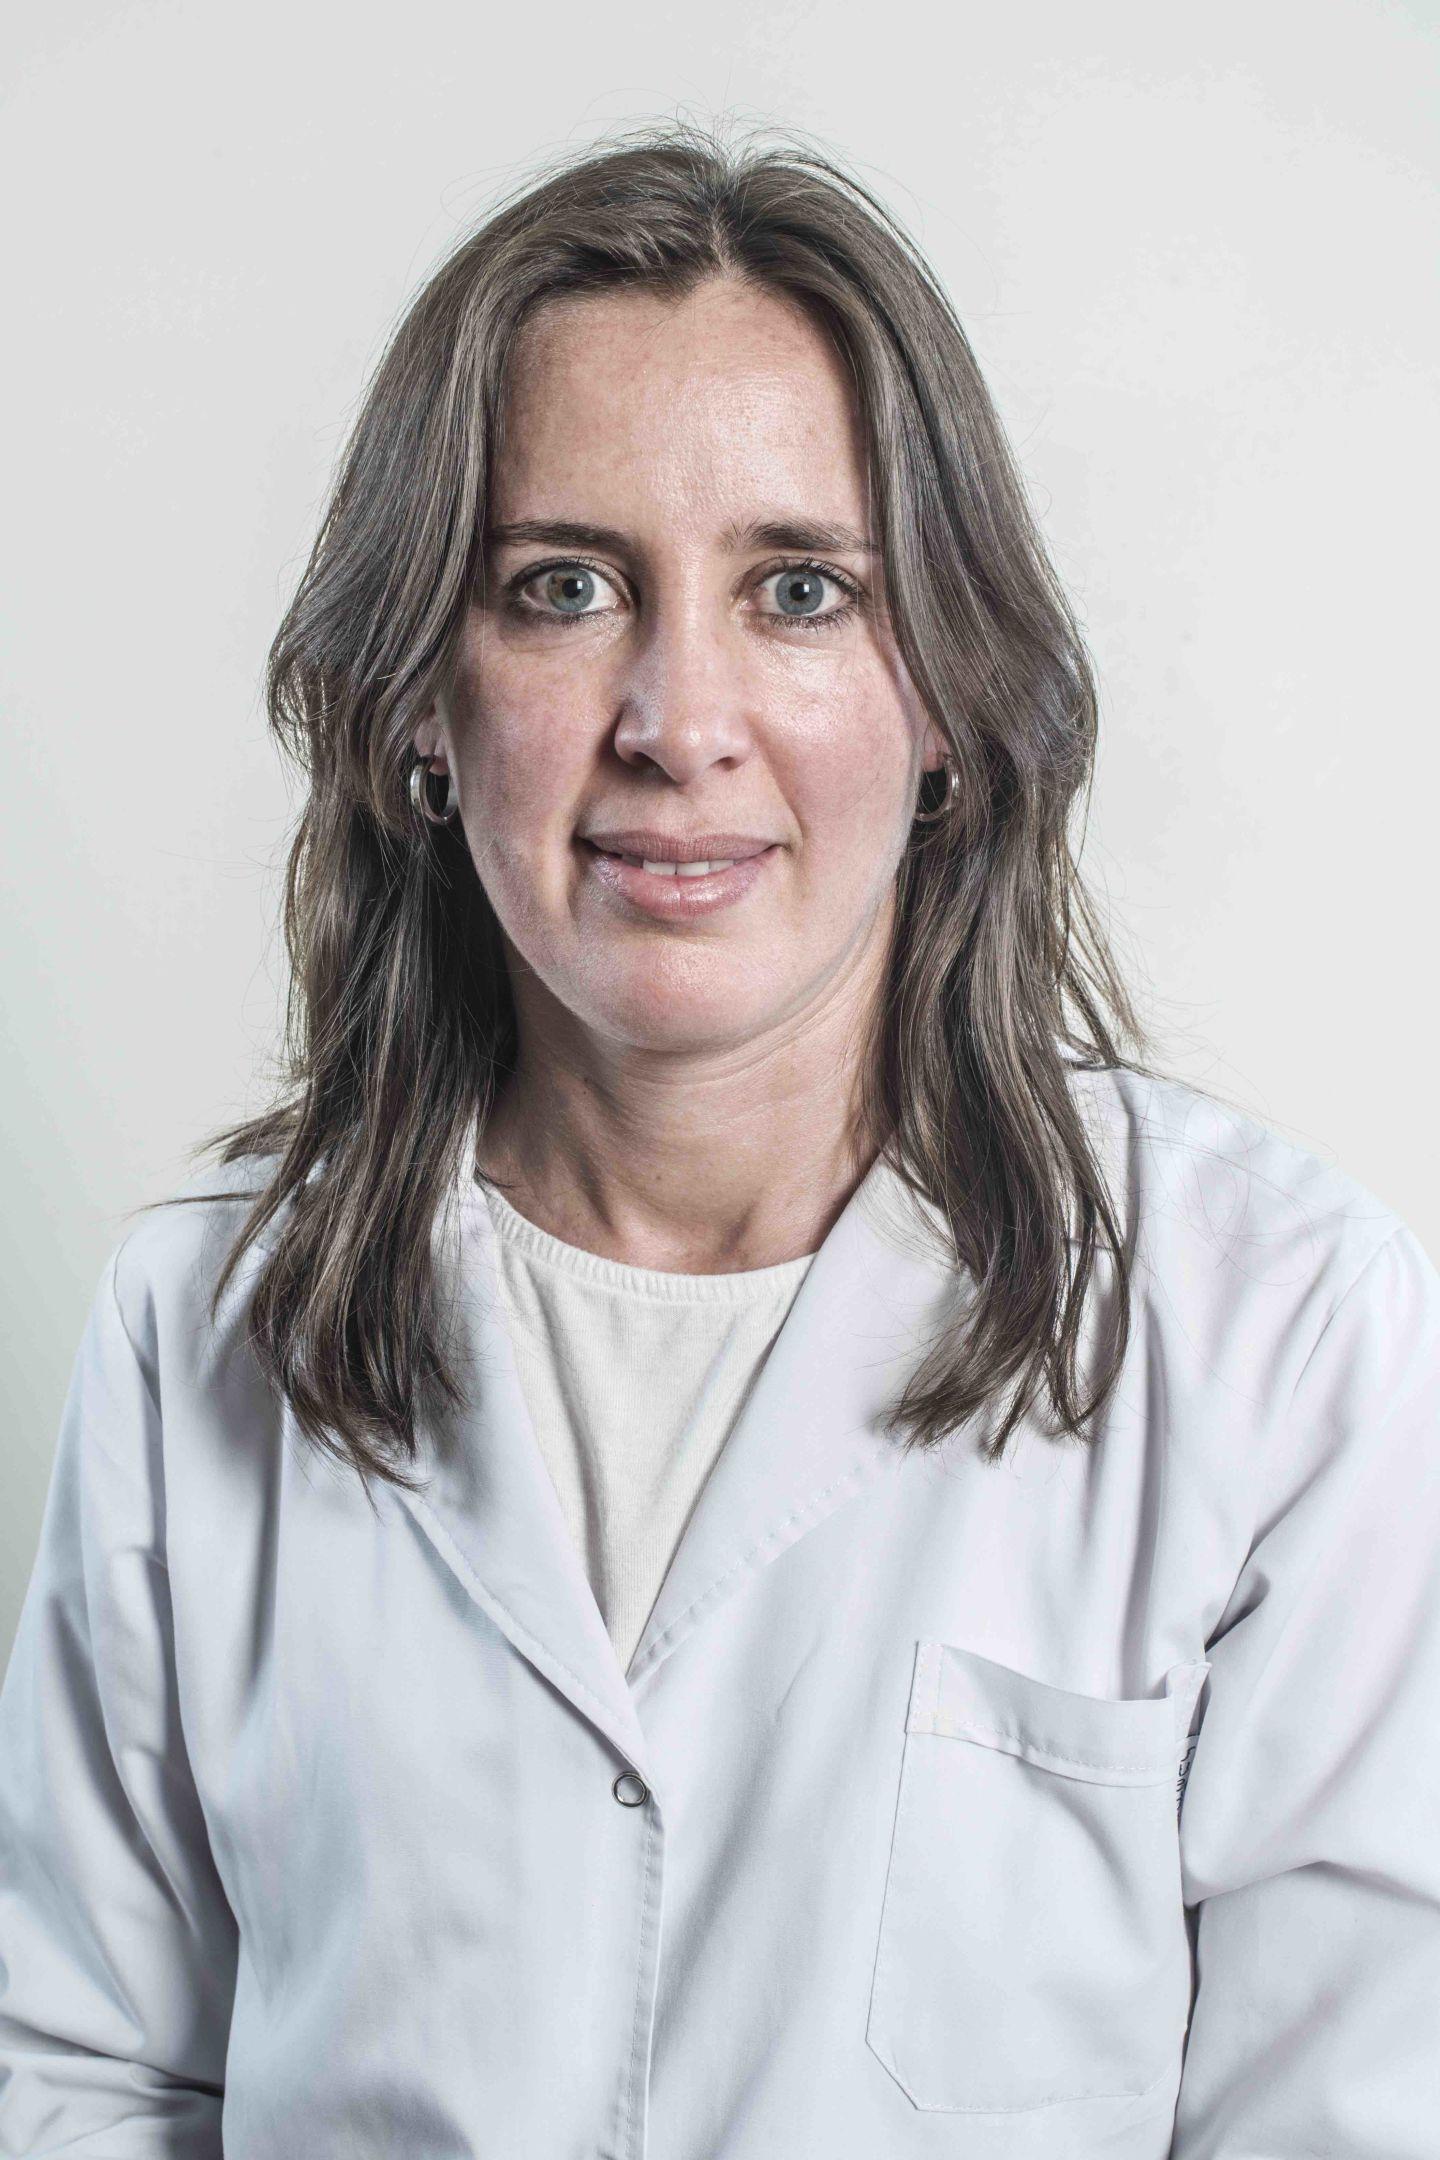 Dra. Natalia Lluberas